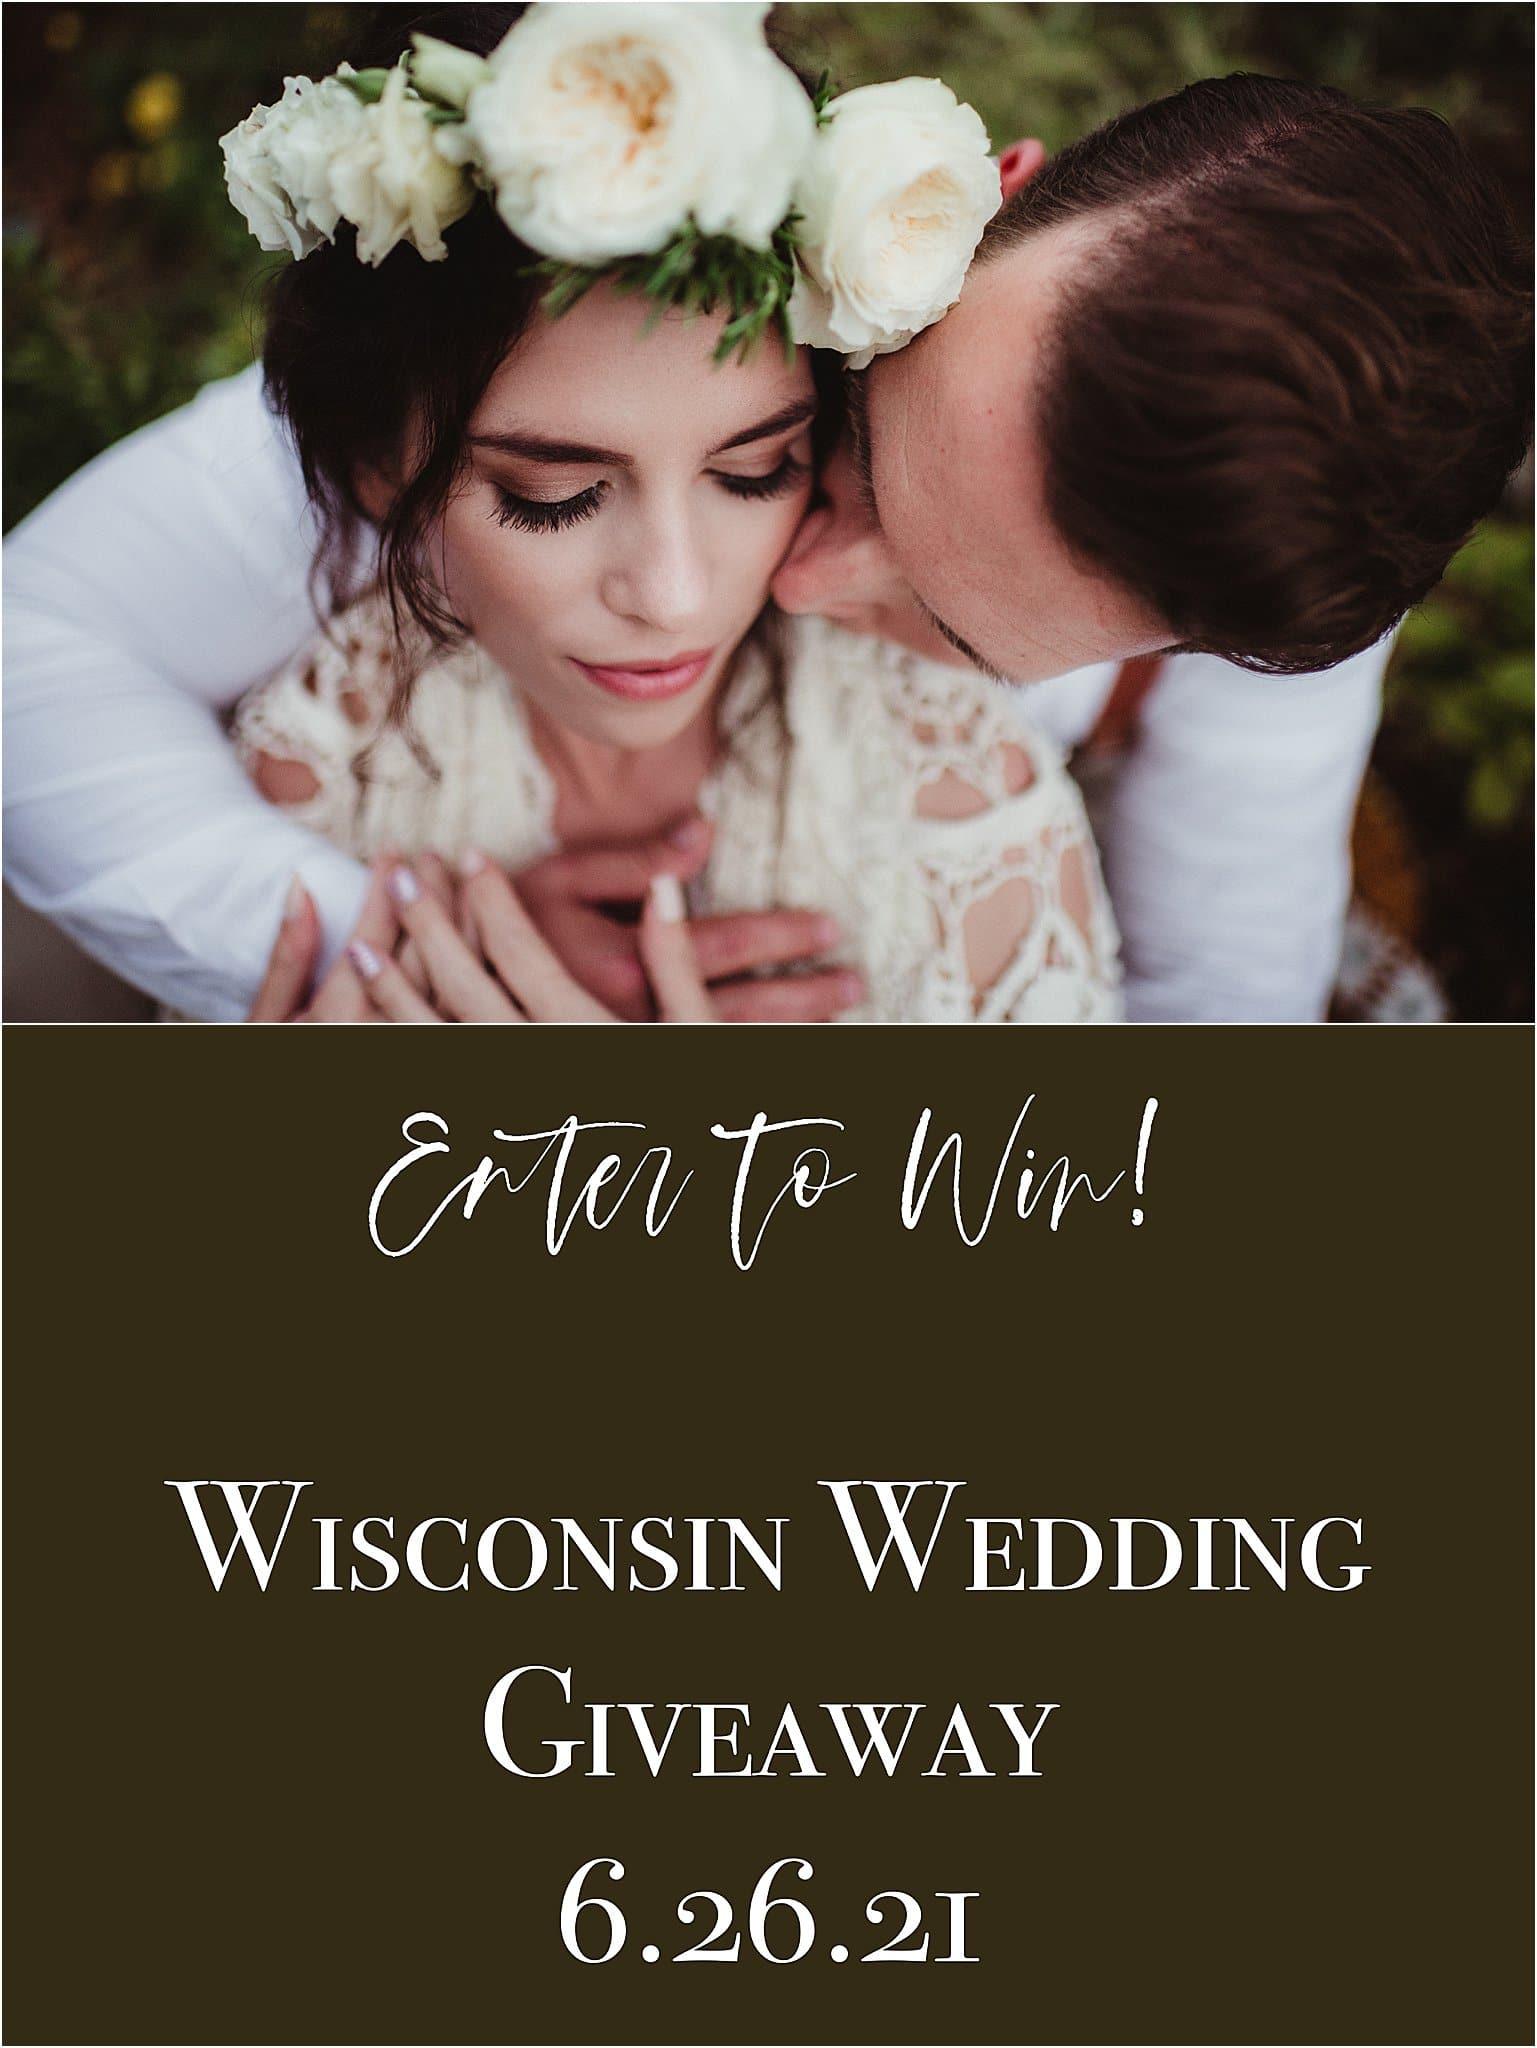 Madison Wisconsin wedding giveaway